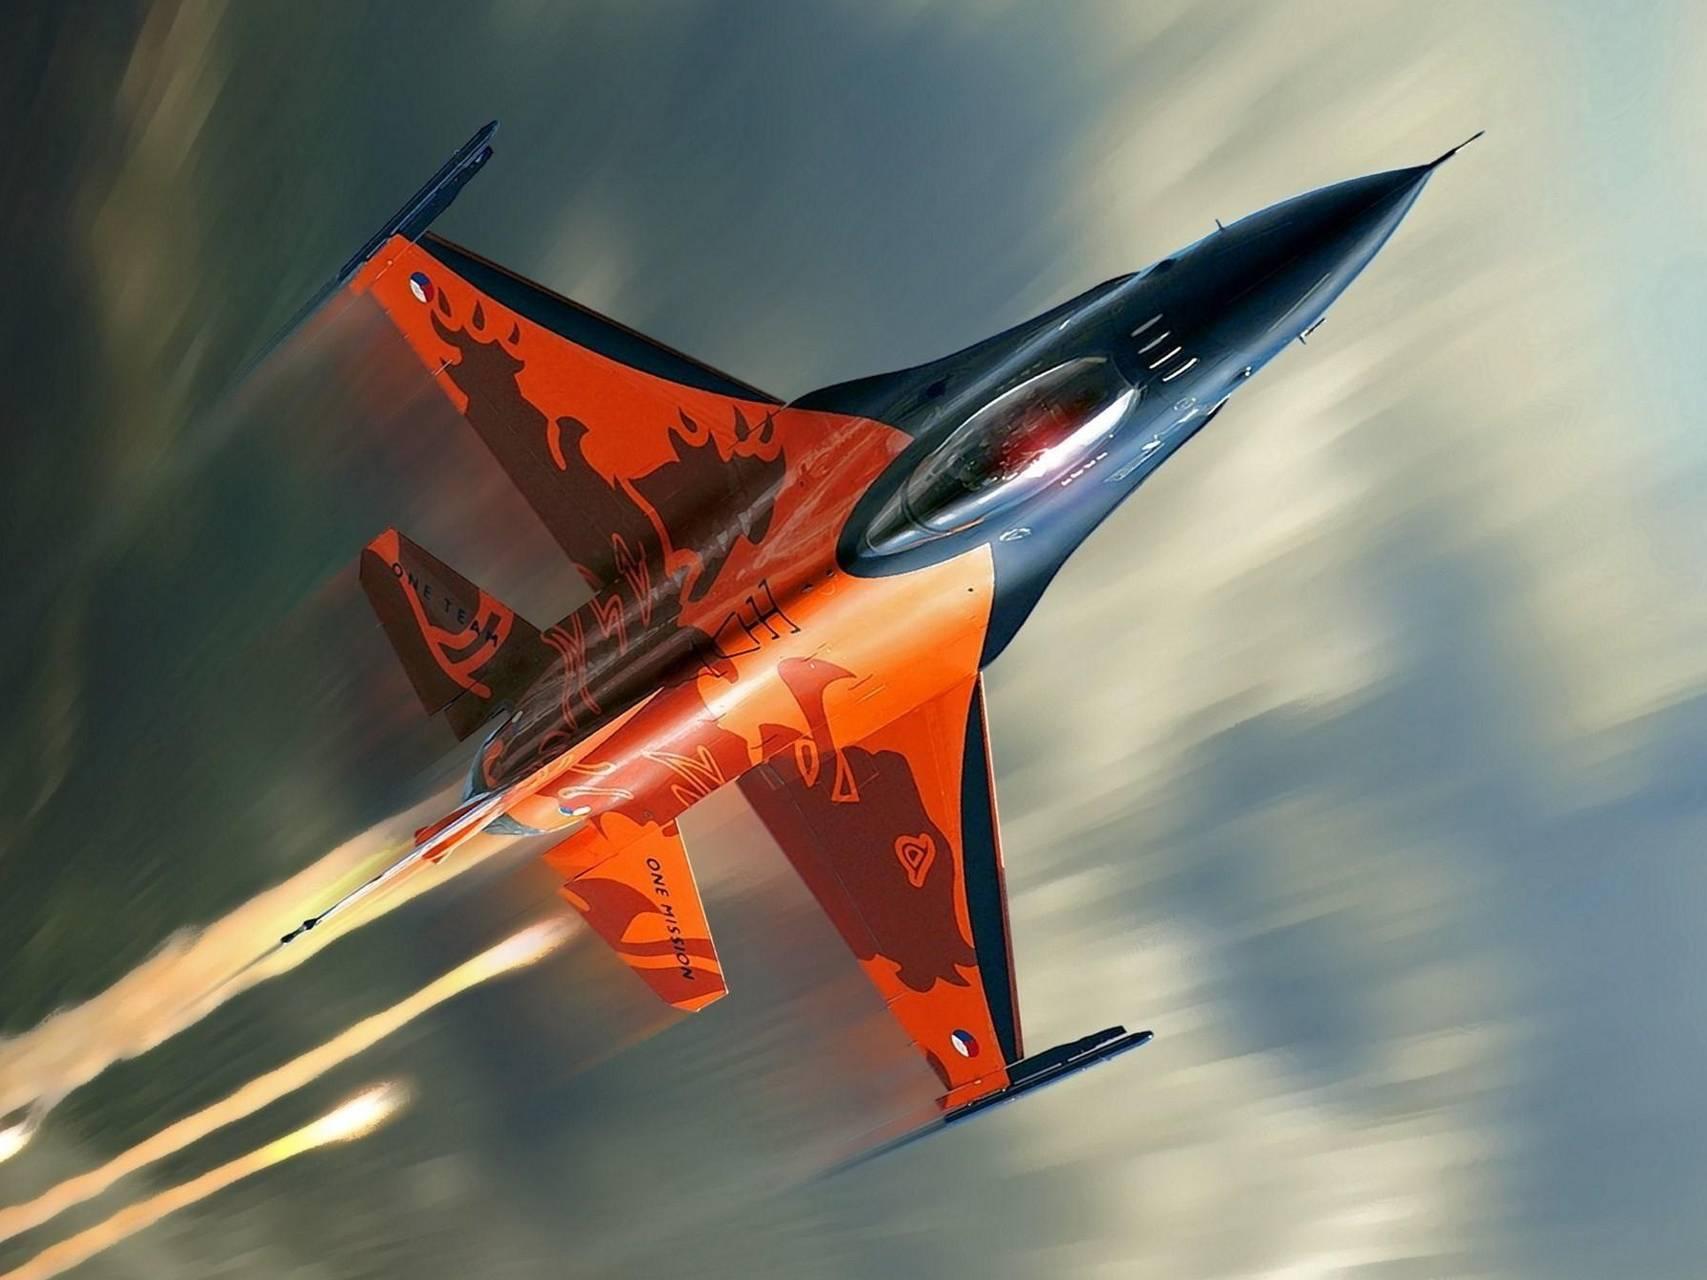 F-16 Hd